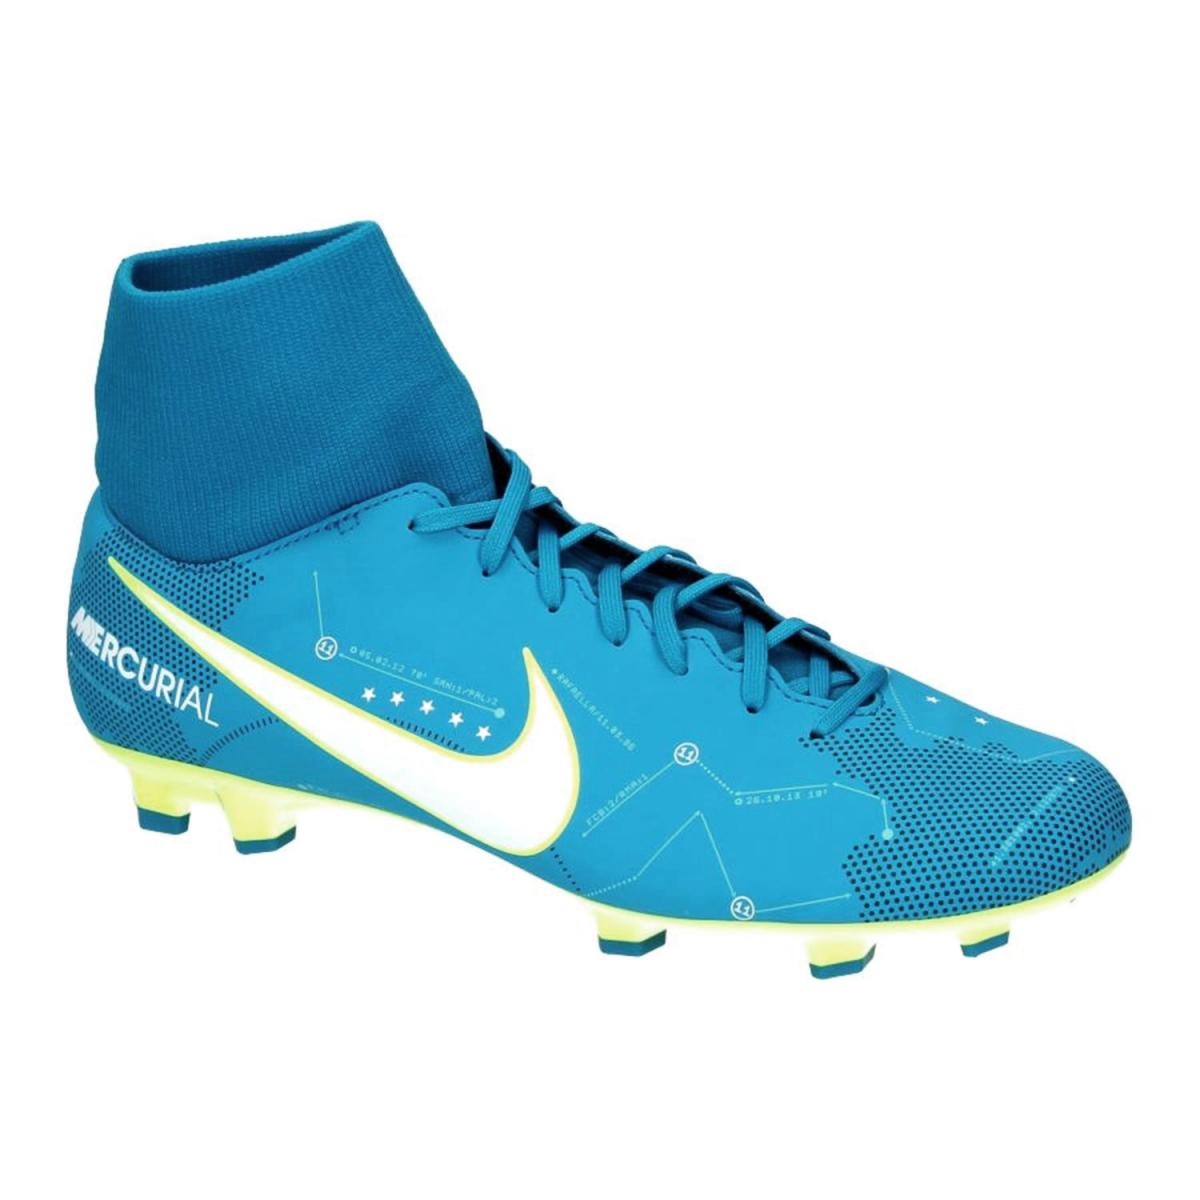 d6605bf928178 Chuteira Nike Mercurial Victory VI DF Neymar Junior FG 921506-400  Azul Verde Limão